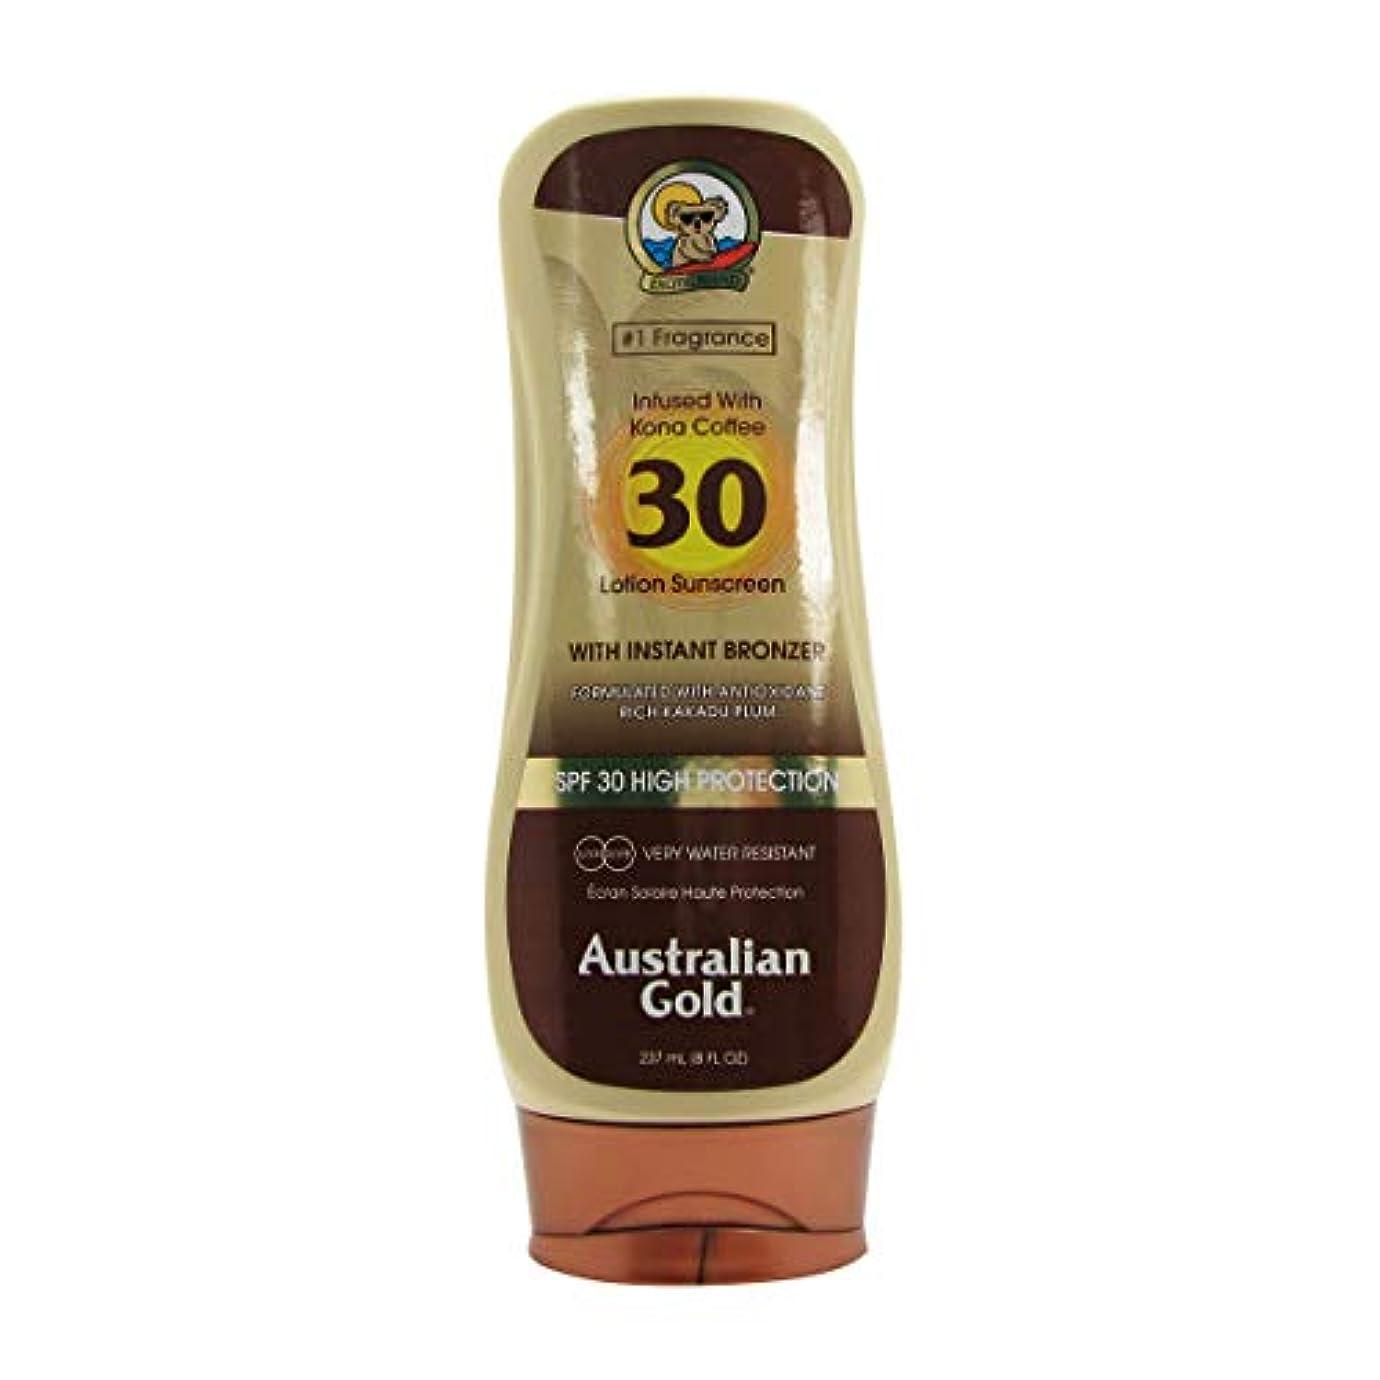 変位年次褒賞オーストラリアンゴールドローションSPF30インスタントブロンザー237ml